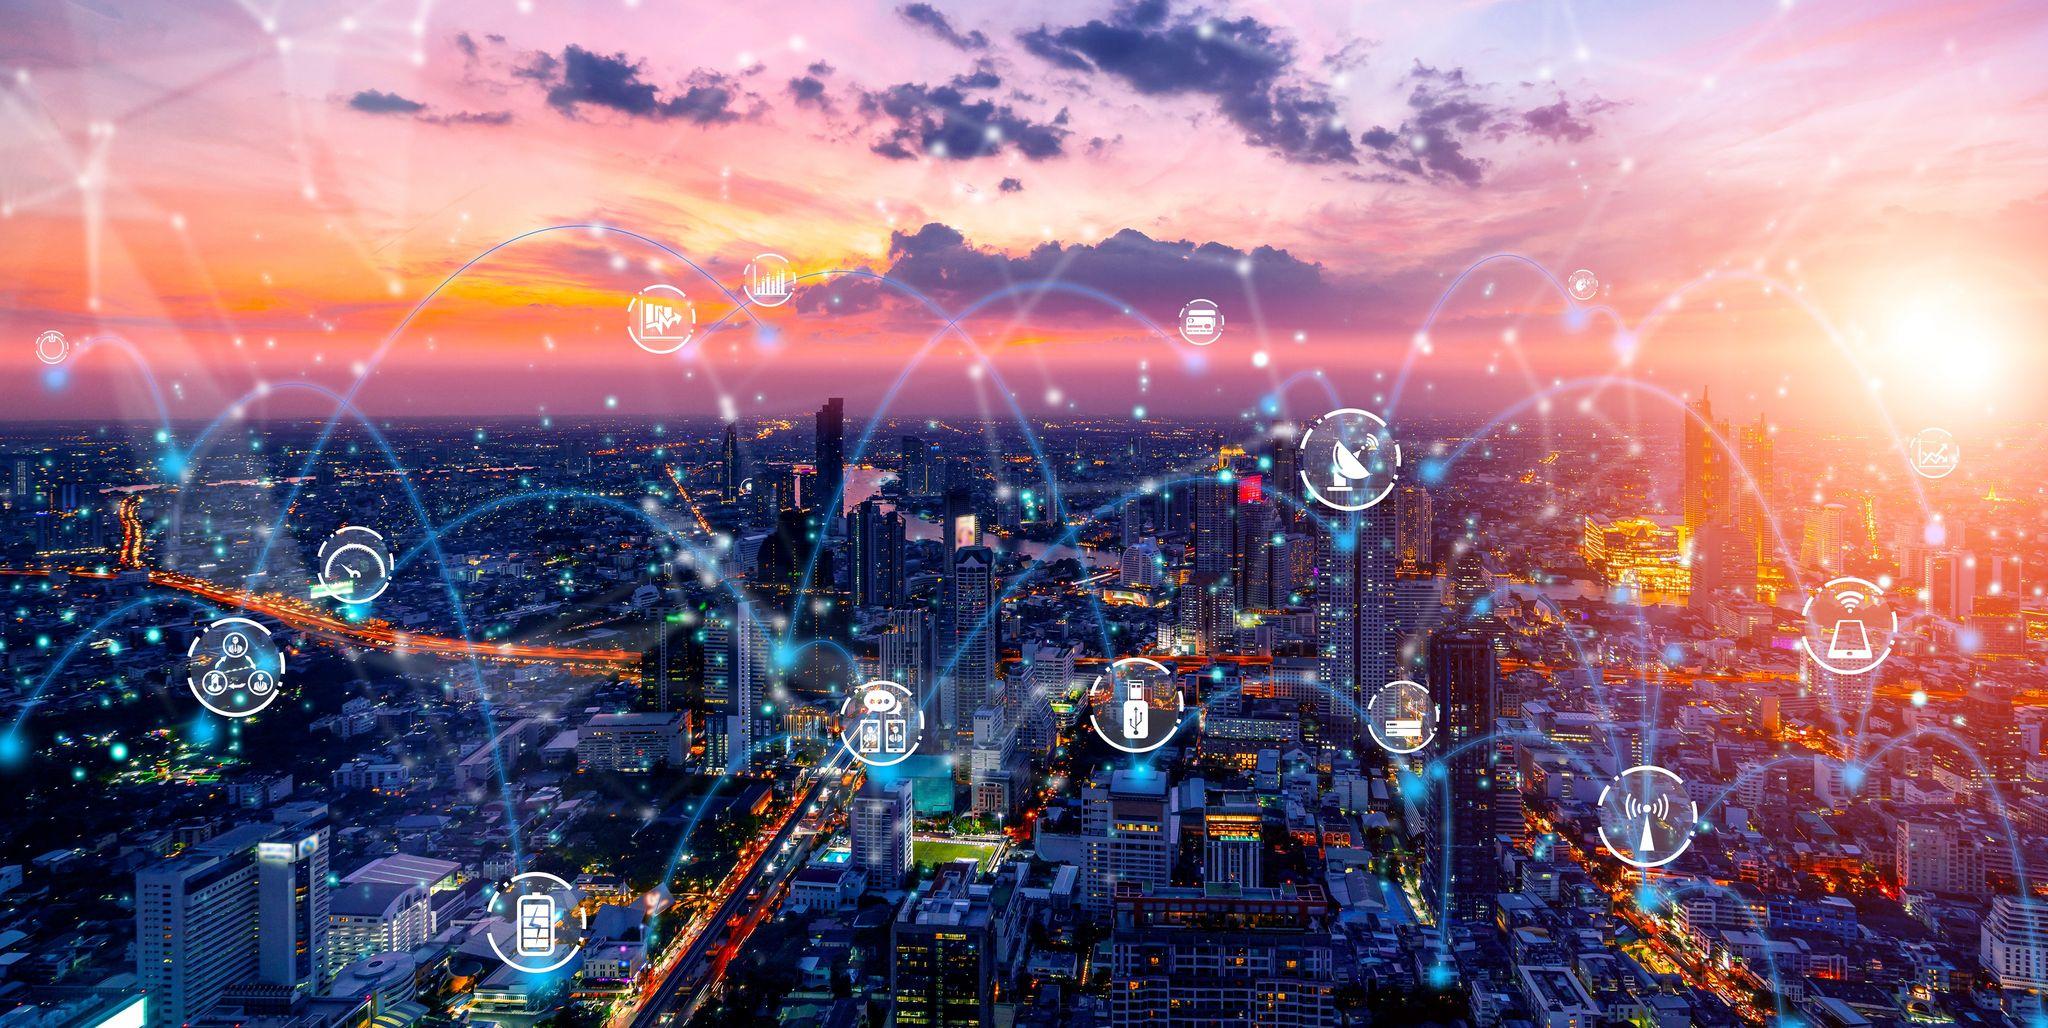 Rolul rețelelor descentralizate într-o lume hiperconectată şi încărcată de informații